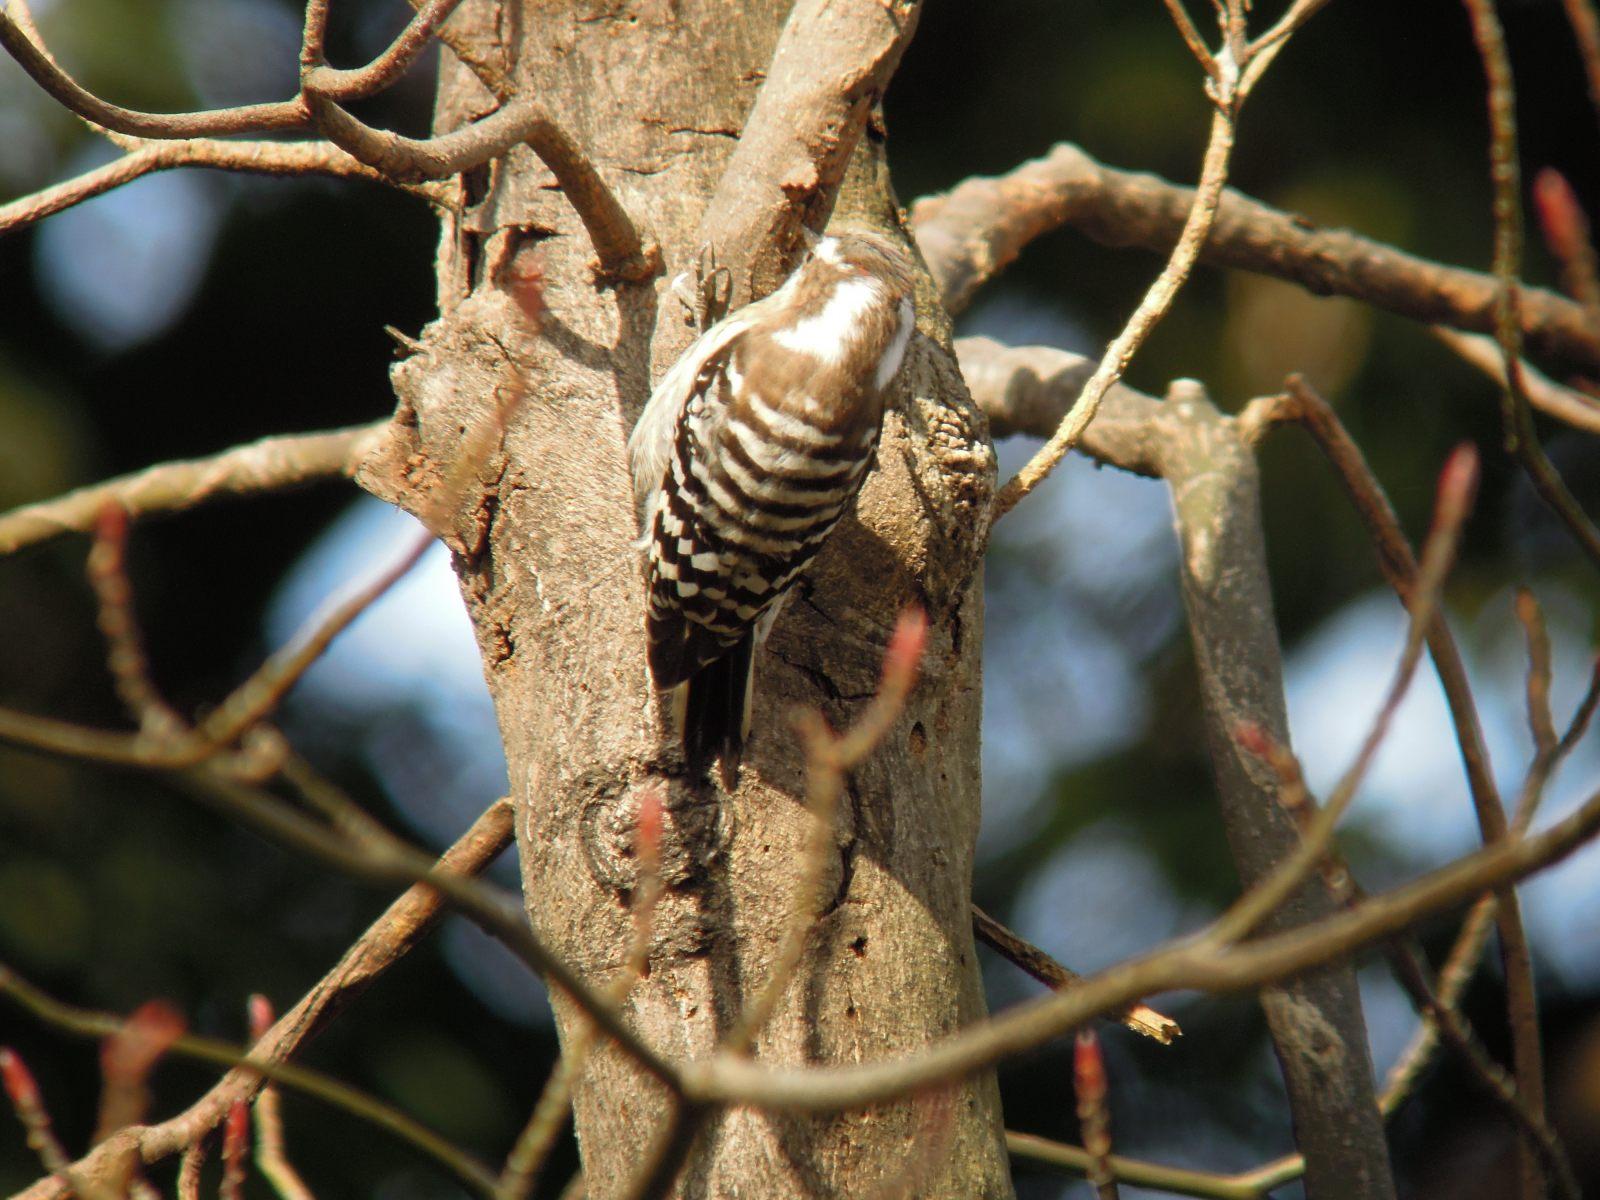 2014年2月7日 コゲラ/小啄木鳥/Japanese Pygmy Woodpecker_f0108797_15444473.jpg